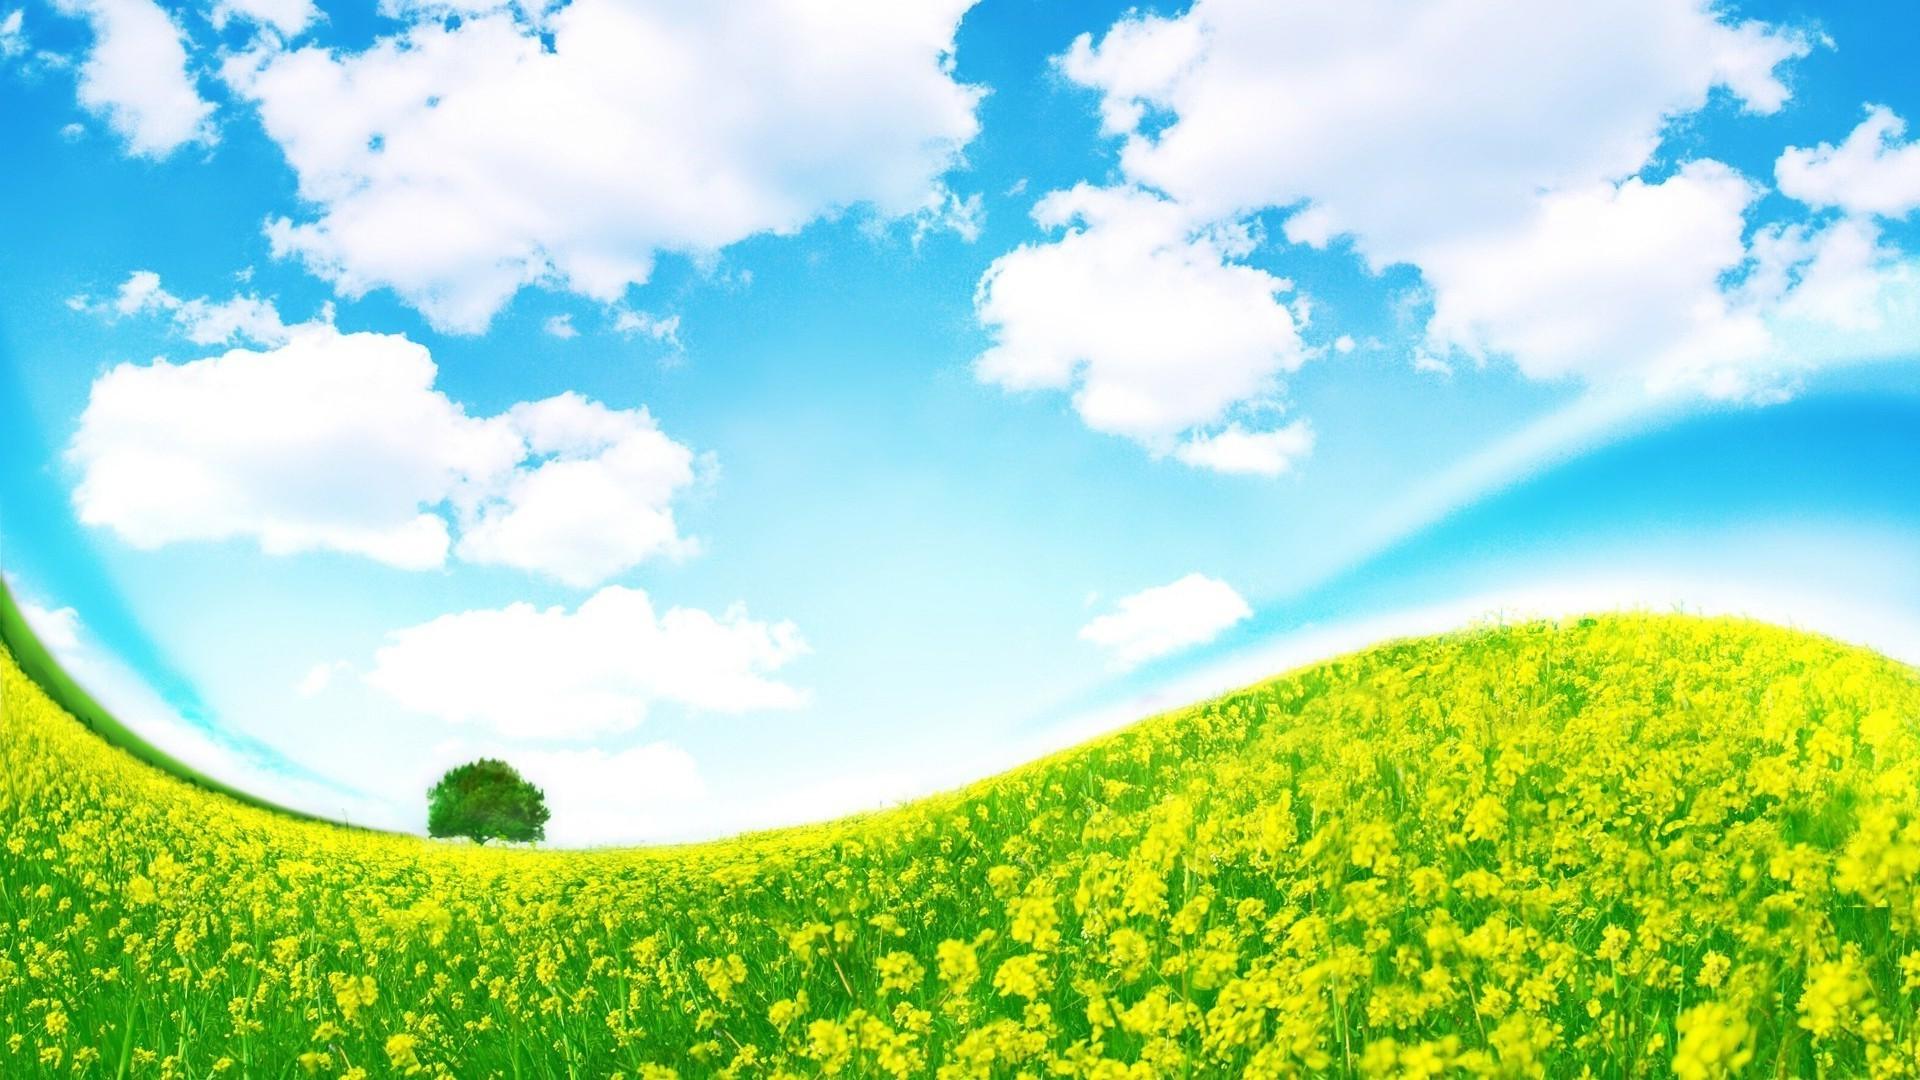 Картинки поле с цветами для детей